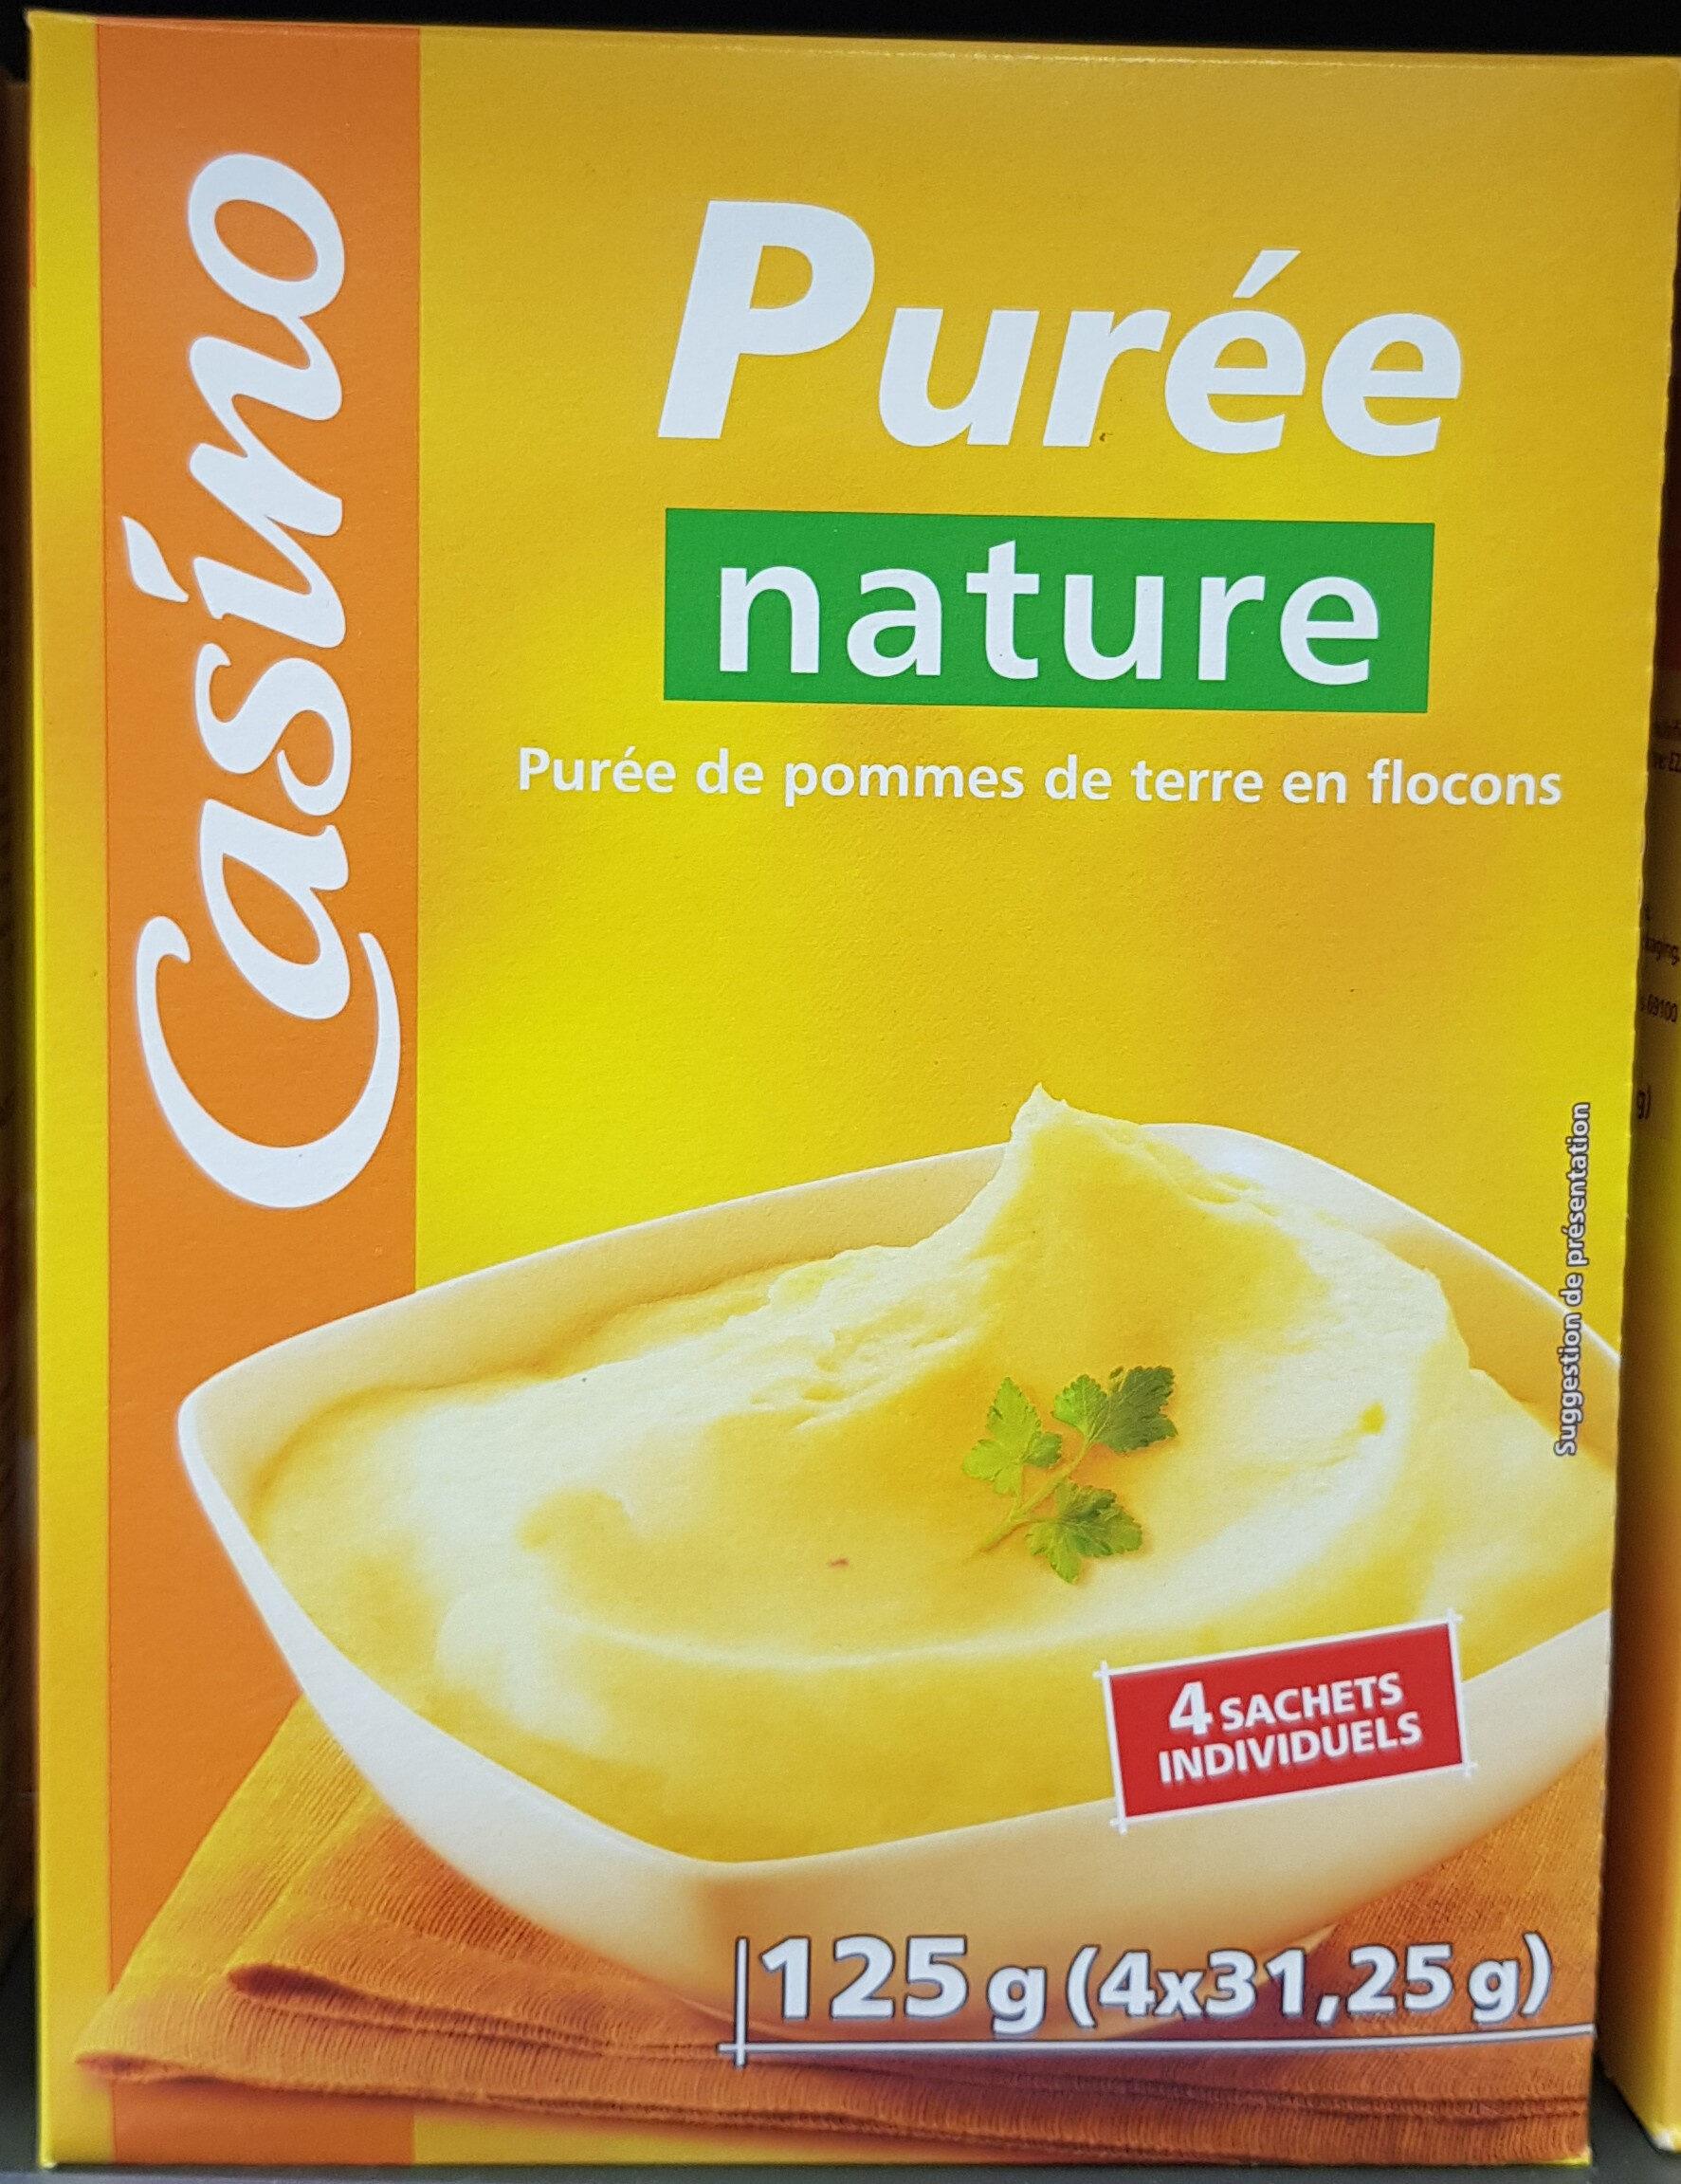 Purée nature - Purée de pommes de terre en flocons - Produit - fr